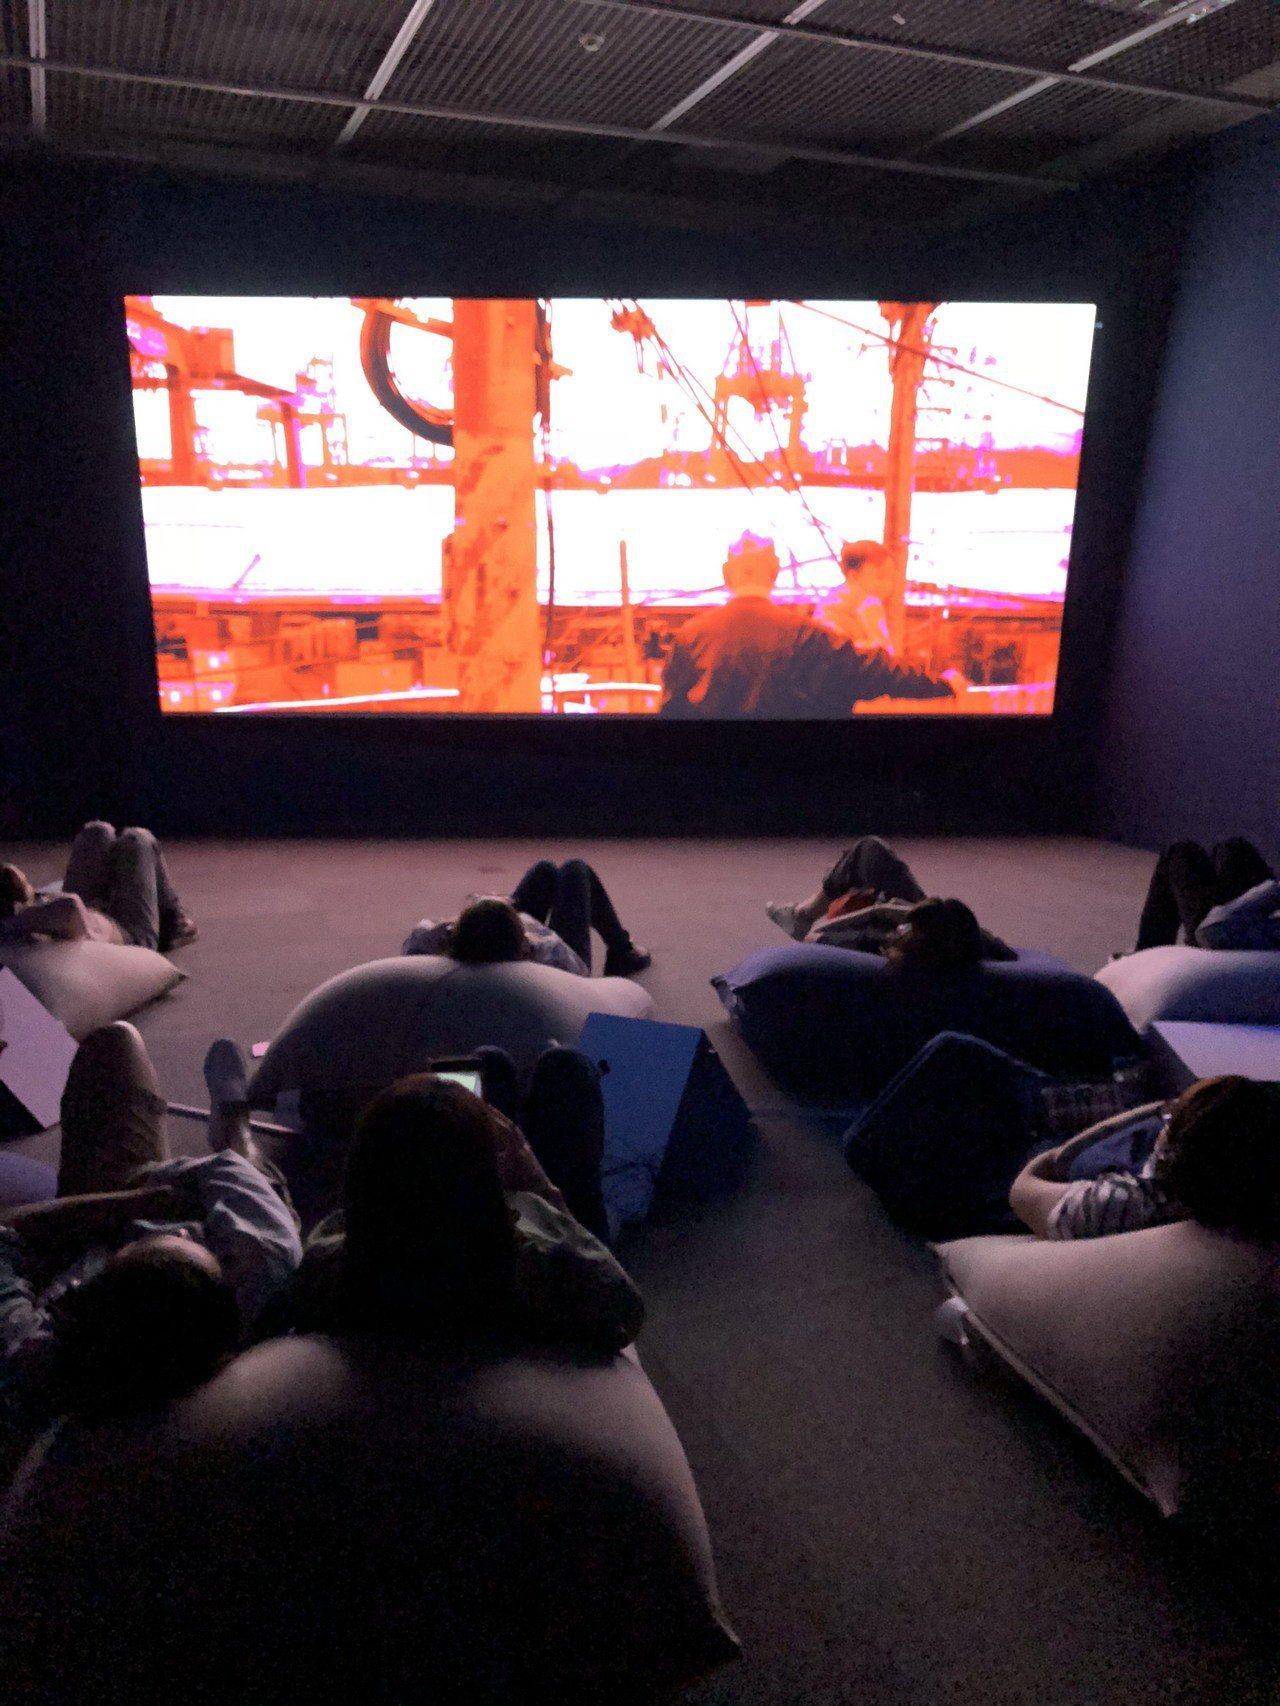 當代藝術館小花計畫展中,歌手家家和香港藝術家曲倩雯合作《回家》,觀眾可躺在地上懶...